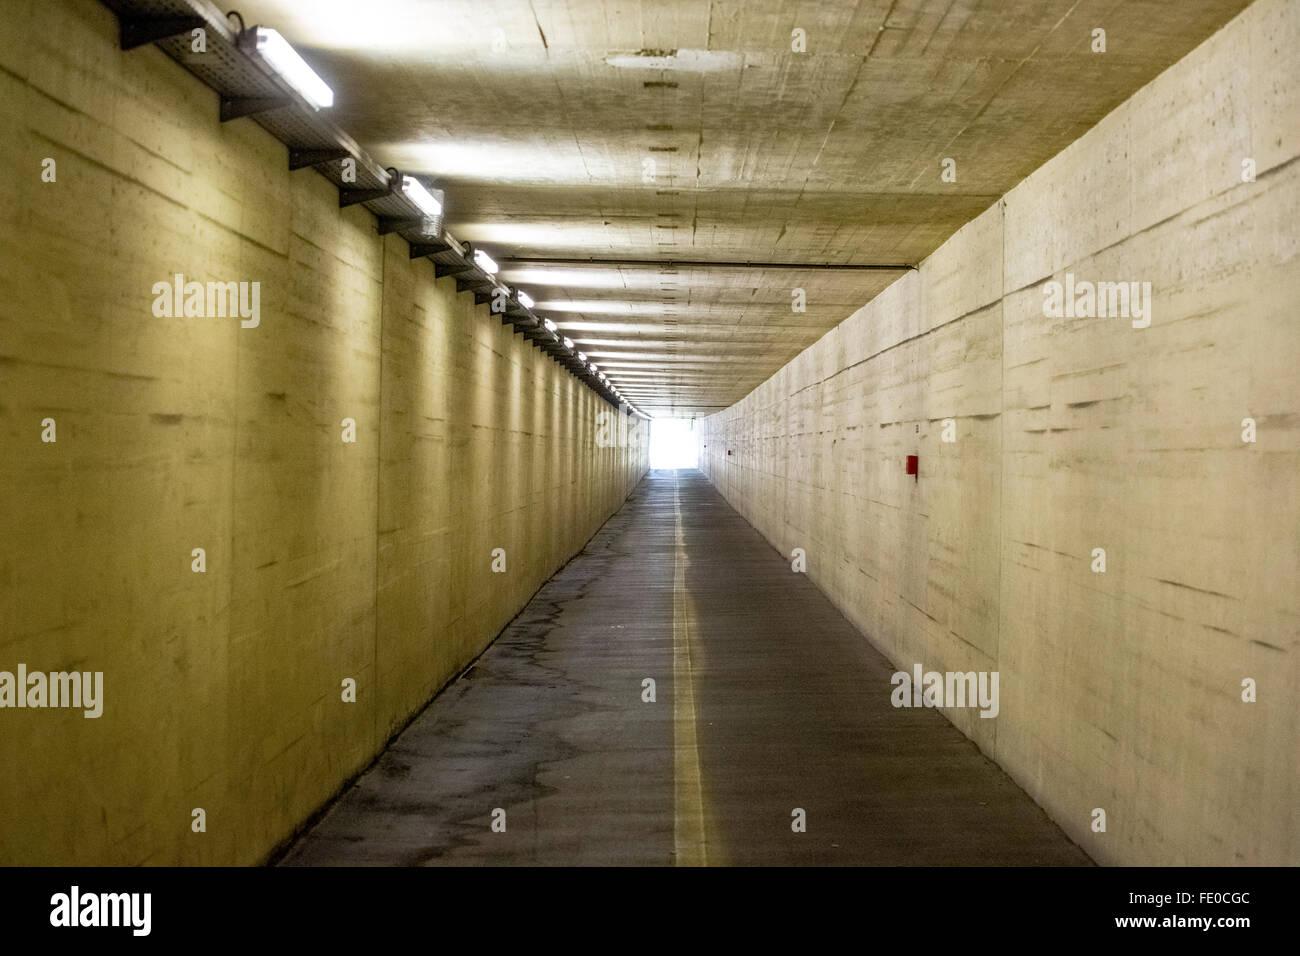 Tunnel, Flughafentunnel Salzburg, Tunnel anxiety, Salzburg, Salzburg, Austria, Europe, Aerial view, birds-eyes view, - Stock Image